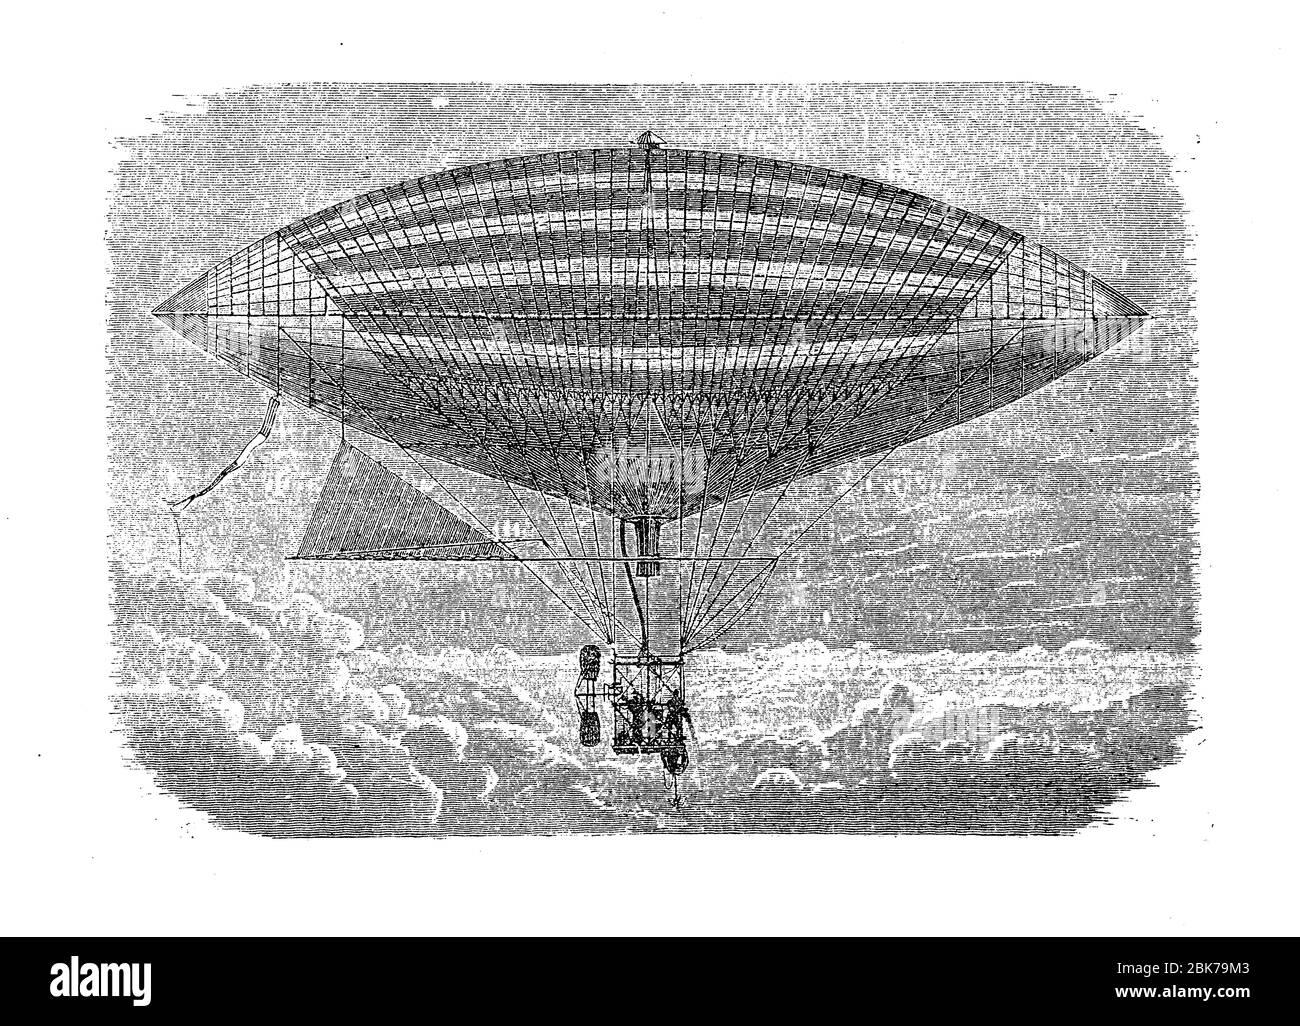 Le premier vol électrique de Gaston Tissandier Français aéronautique en 1883, portant un moteur électrique avec hélice dans la télécabine de son ballon d'air chaud Banque D'Images